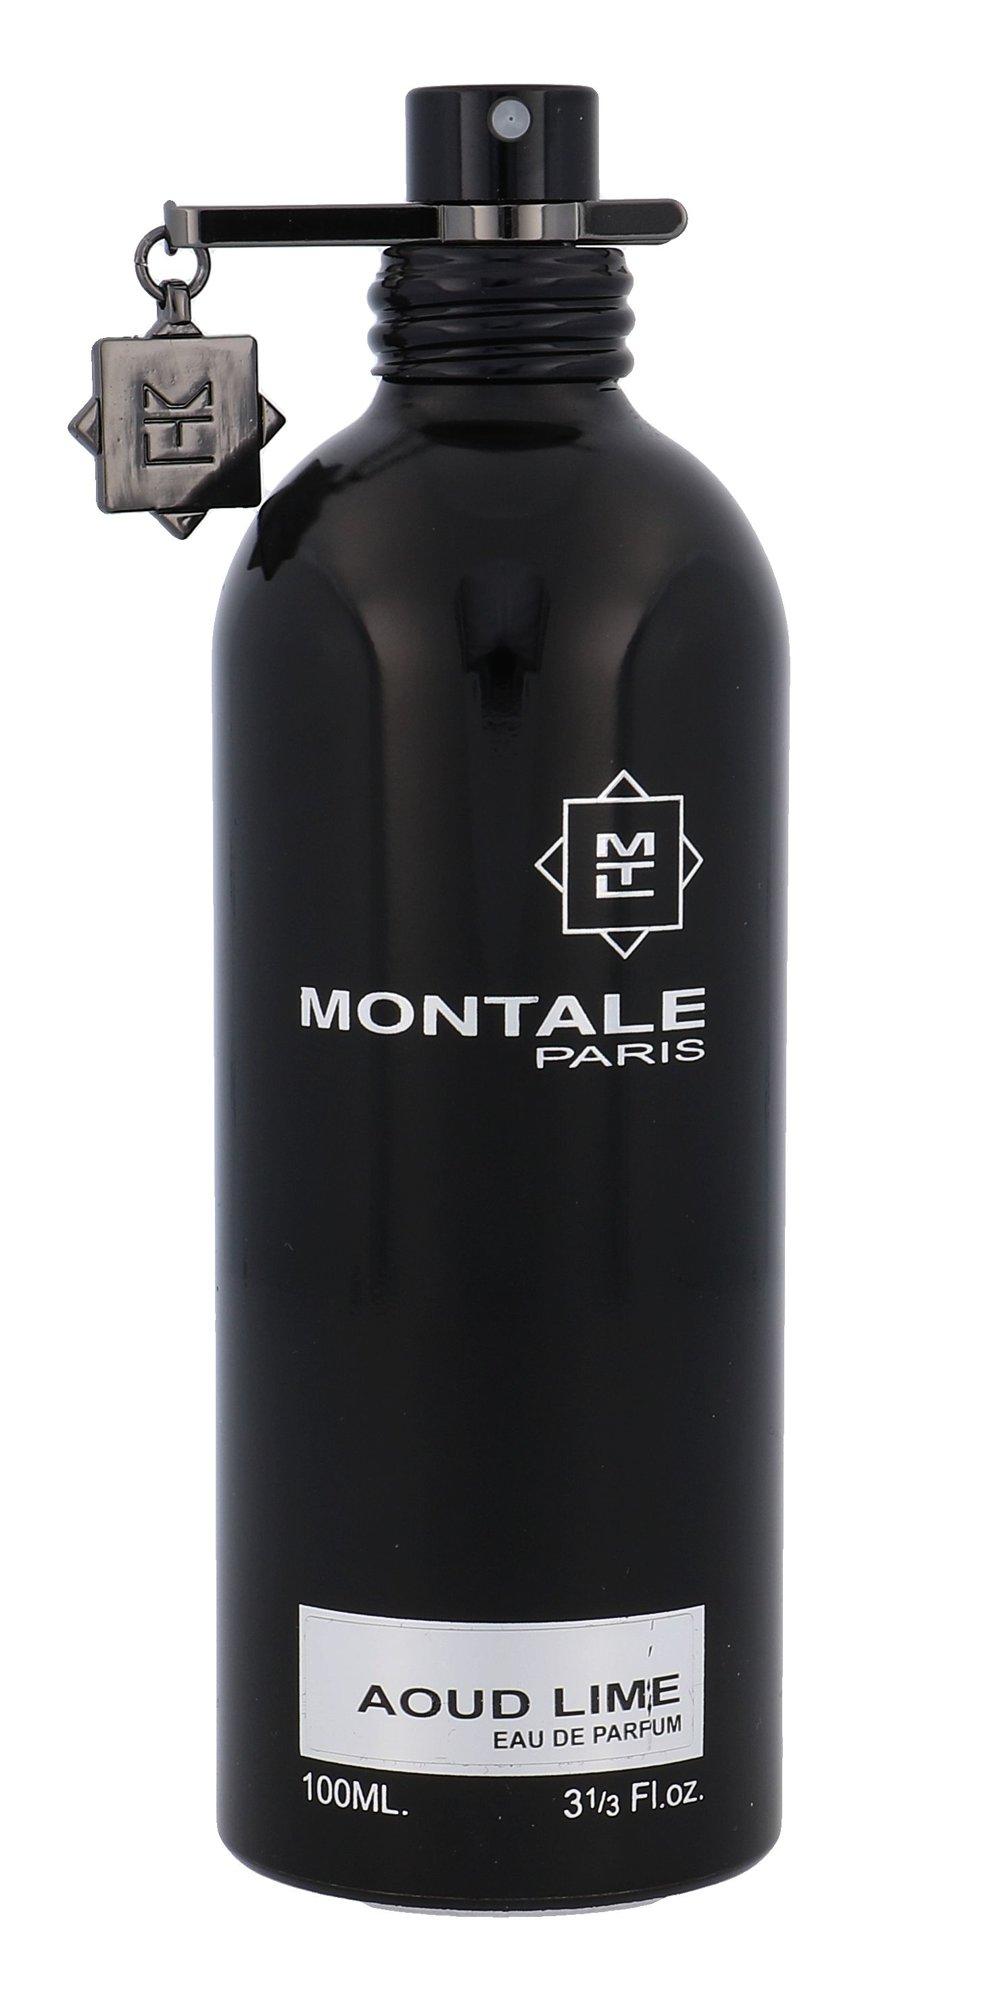 Montale Paris Aoud Lime EDP 100ml